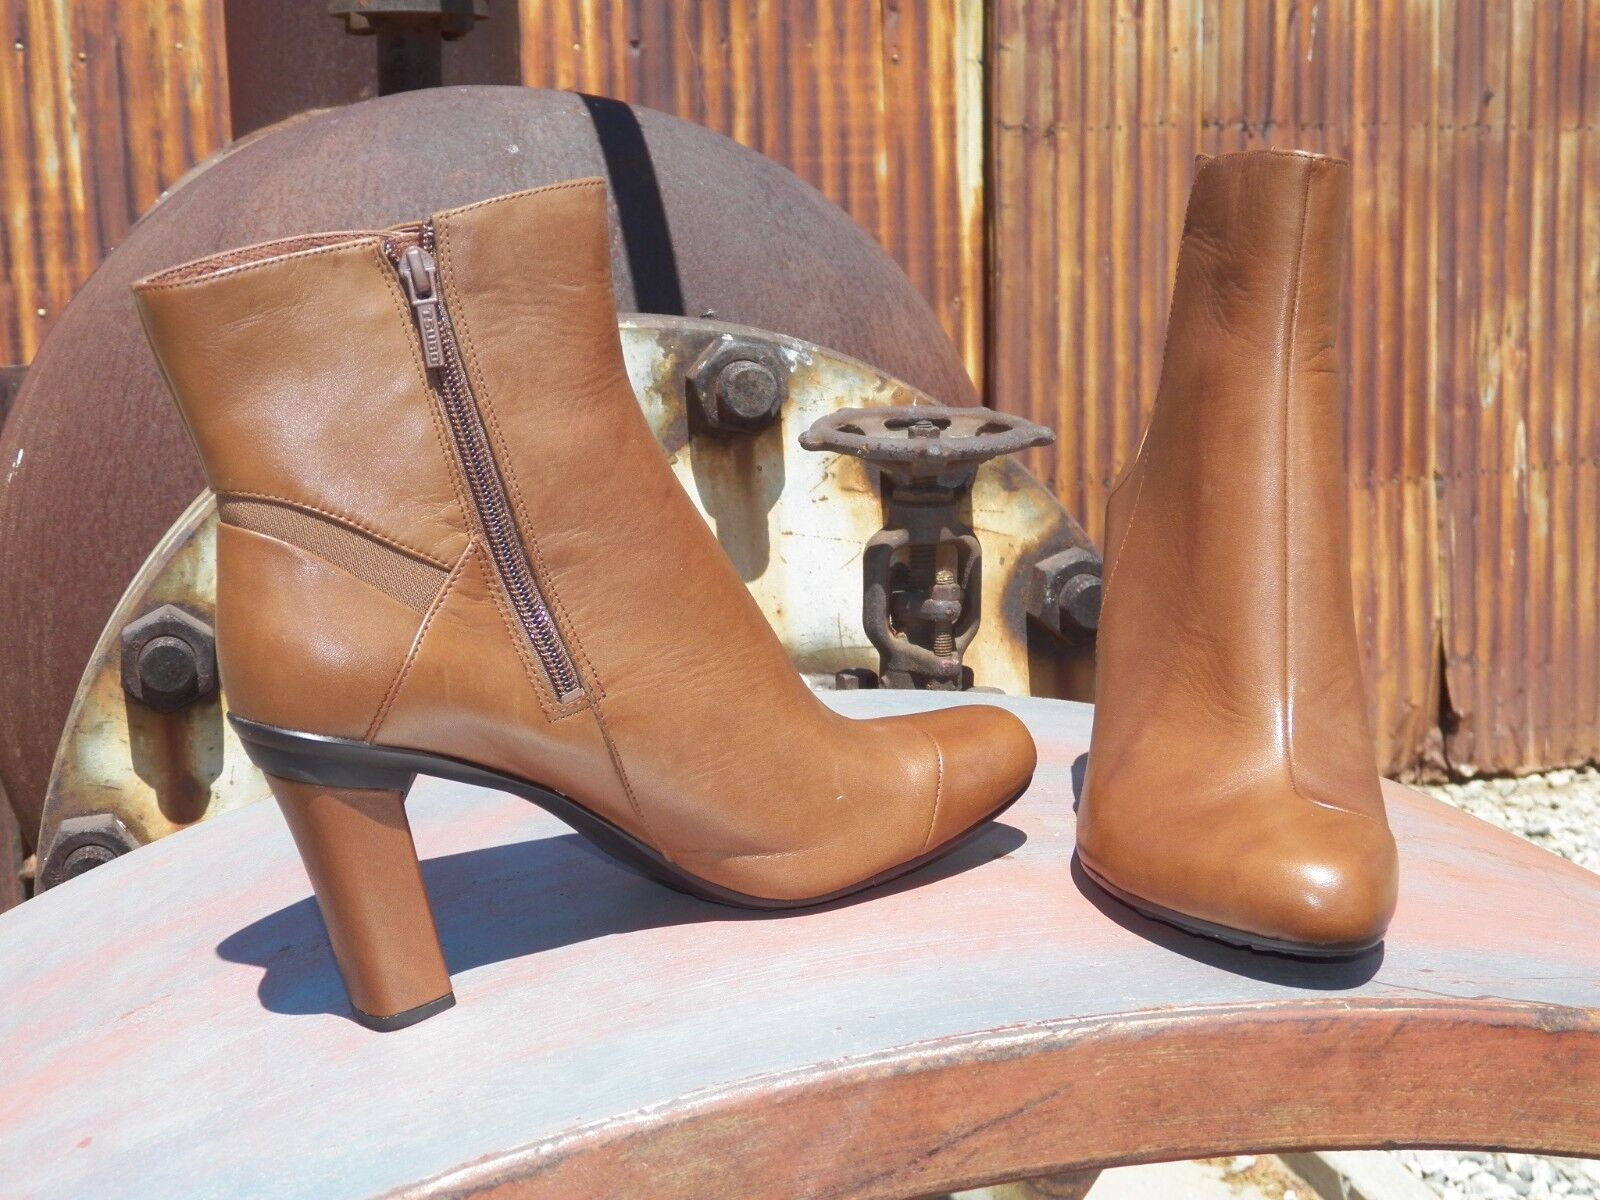 New Damenschuhe Tsubo Kemma Chestnut Leder Modern Ankle Stiefel All Größes